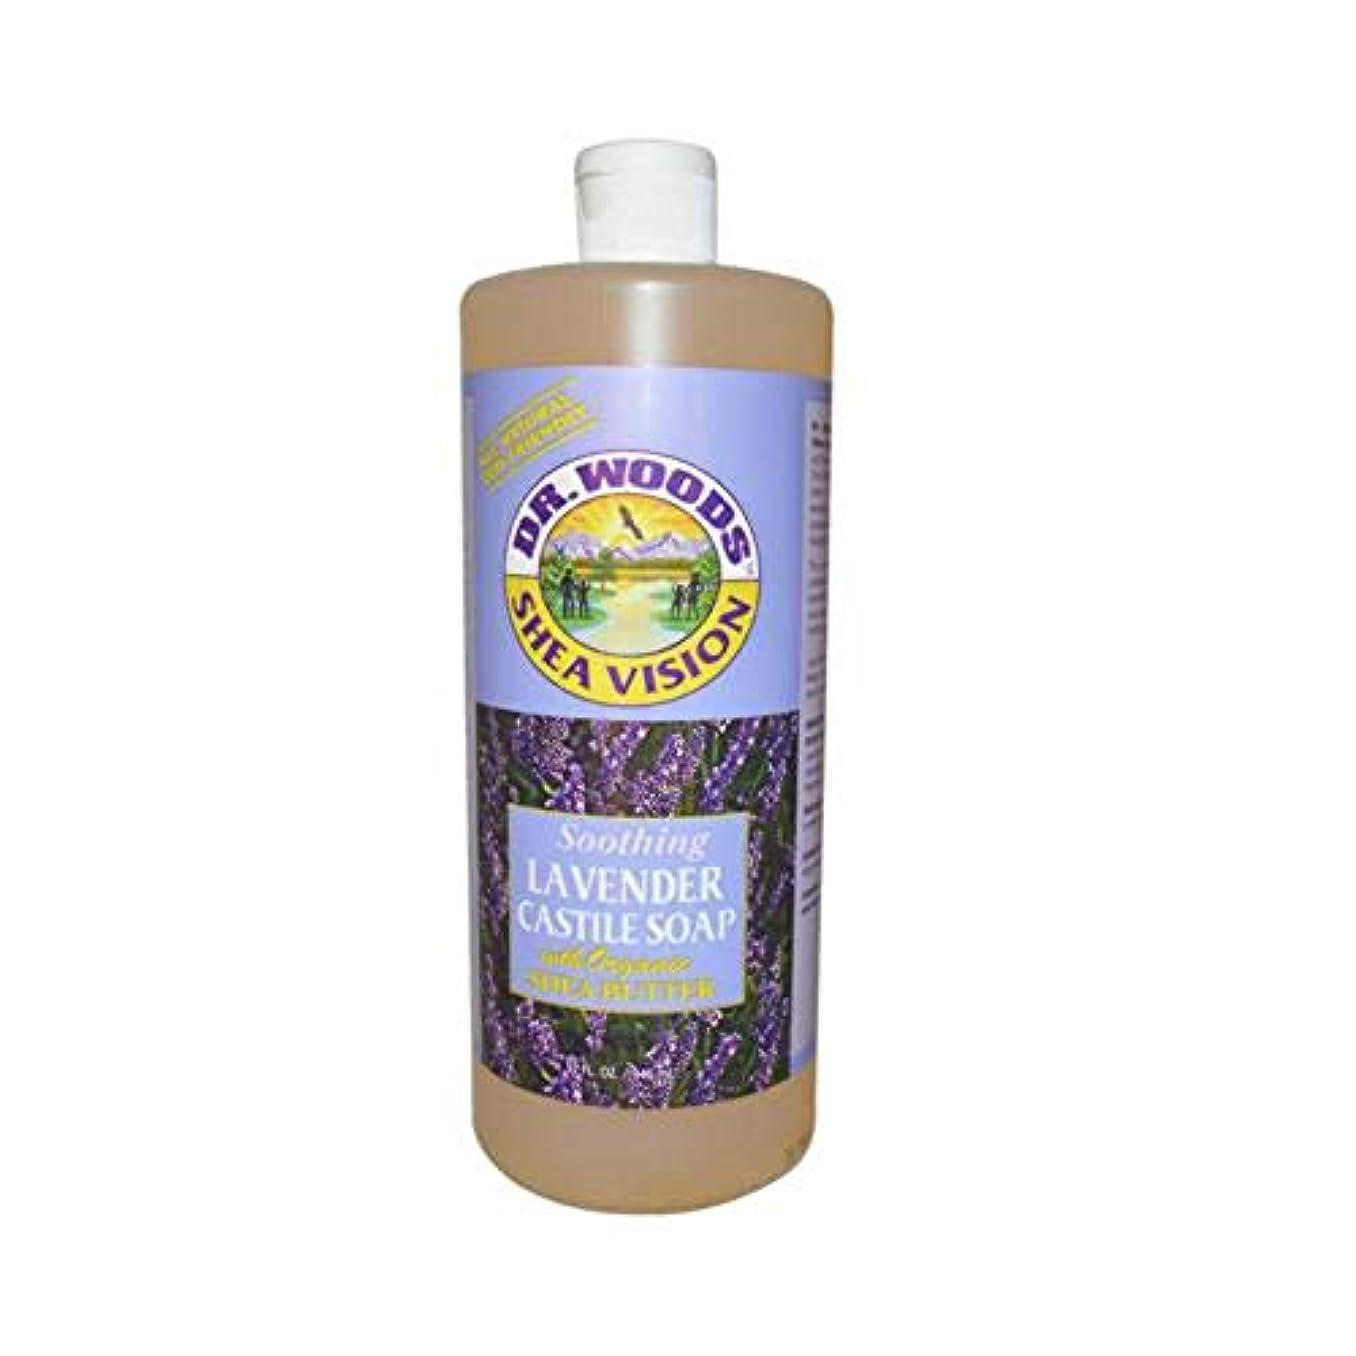 くるみ振る舞う交通渋滞Dr. Woods, Shea Vision, Soothing Lavender Castile Soap, 32 fl oz (946 ml)